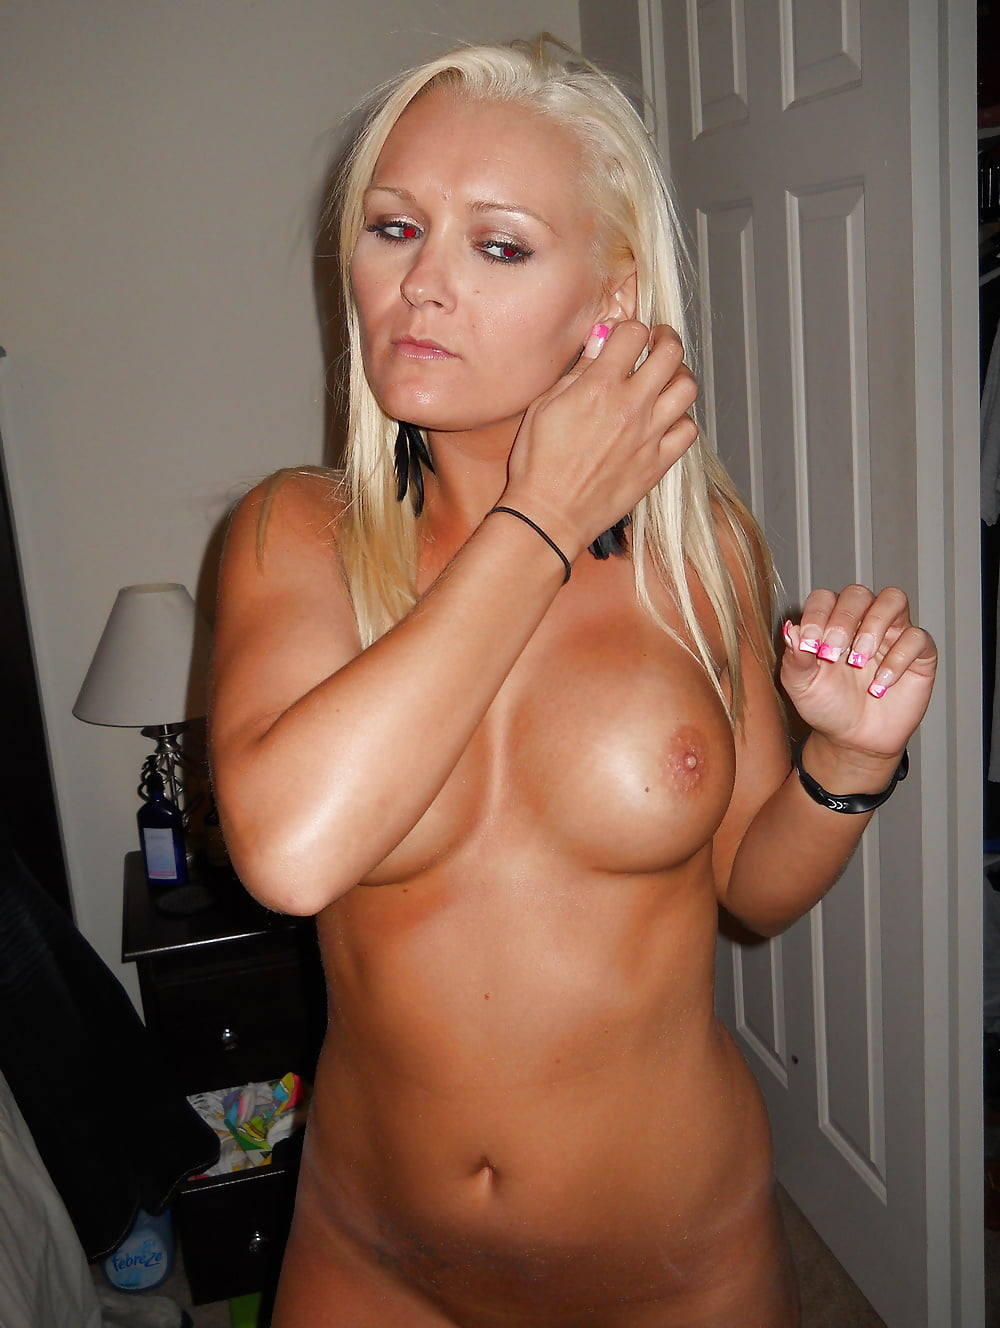 Жены с силиконовой грудью фото